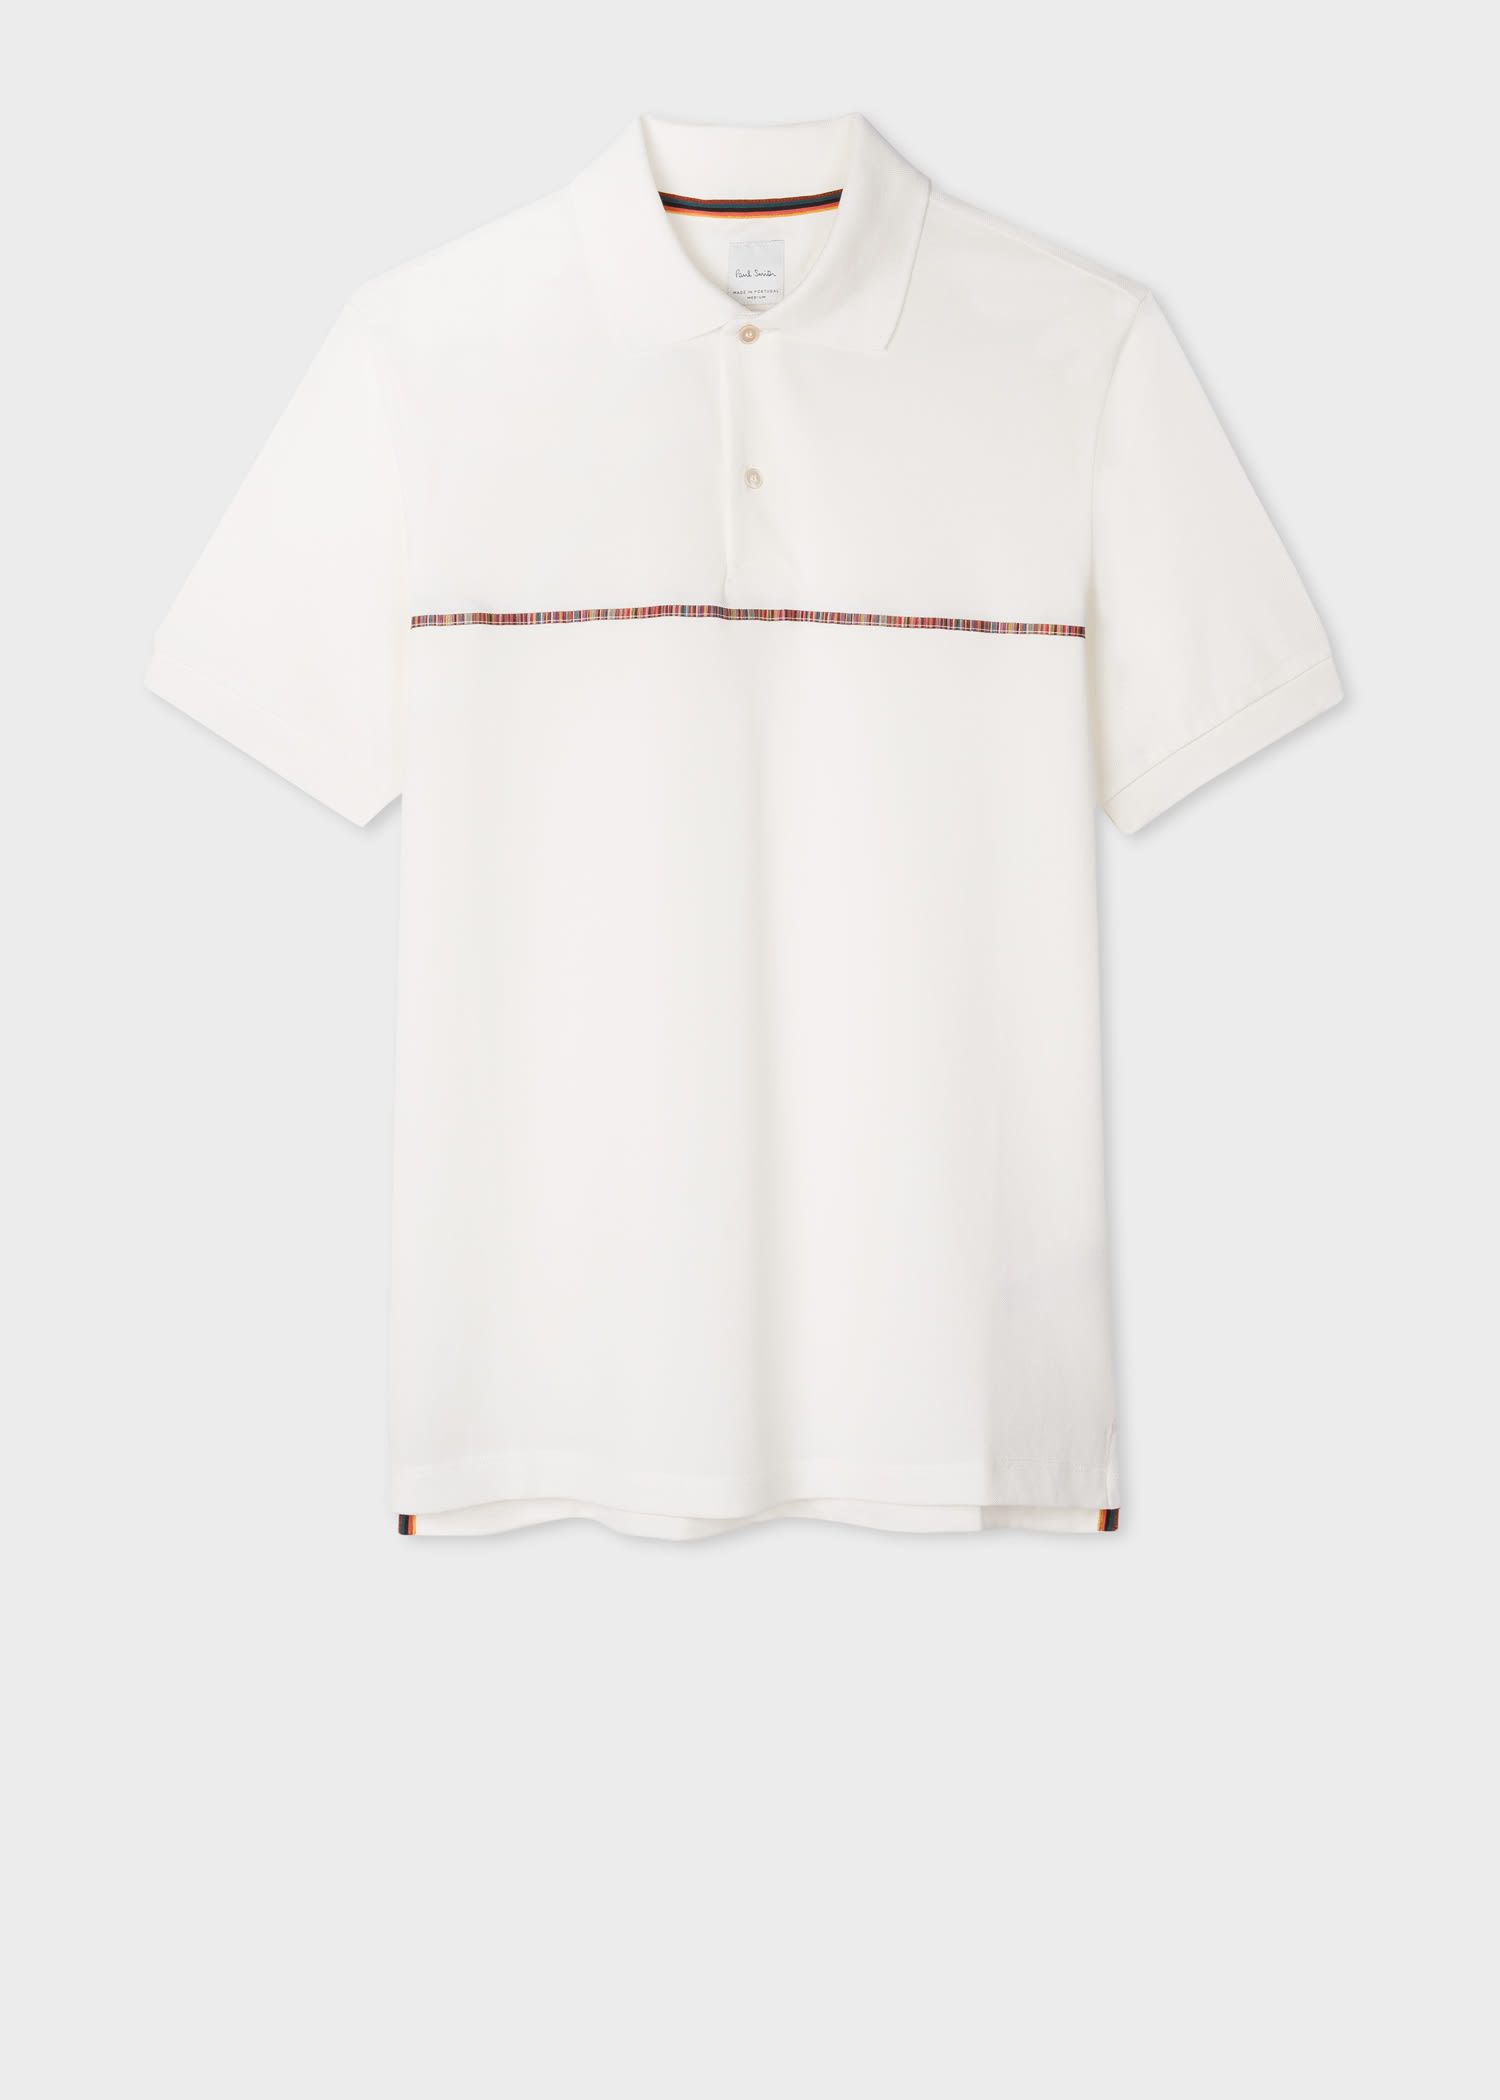 Men's Designer Polo Shirts   Short & Long Sleeve Polos - Paul Smith